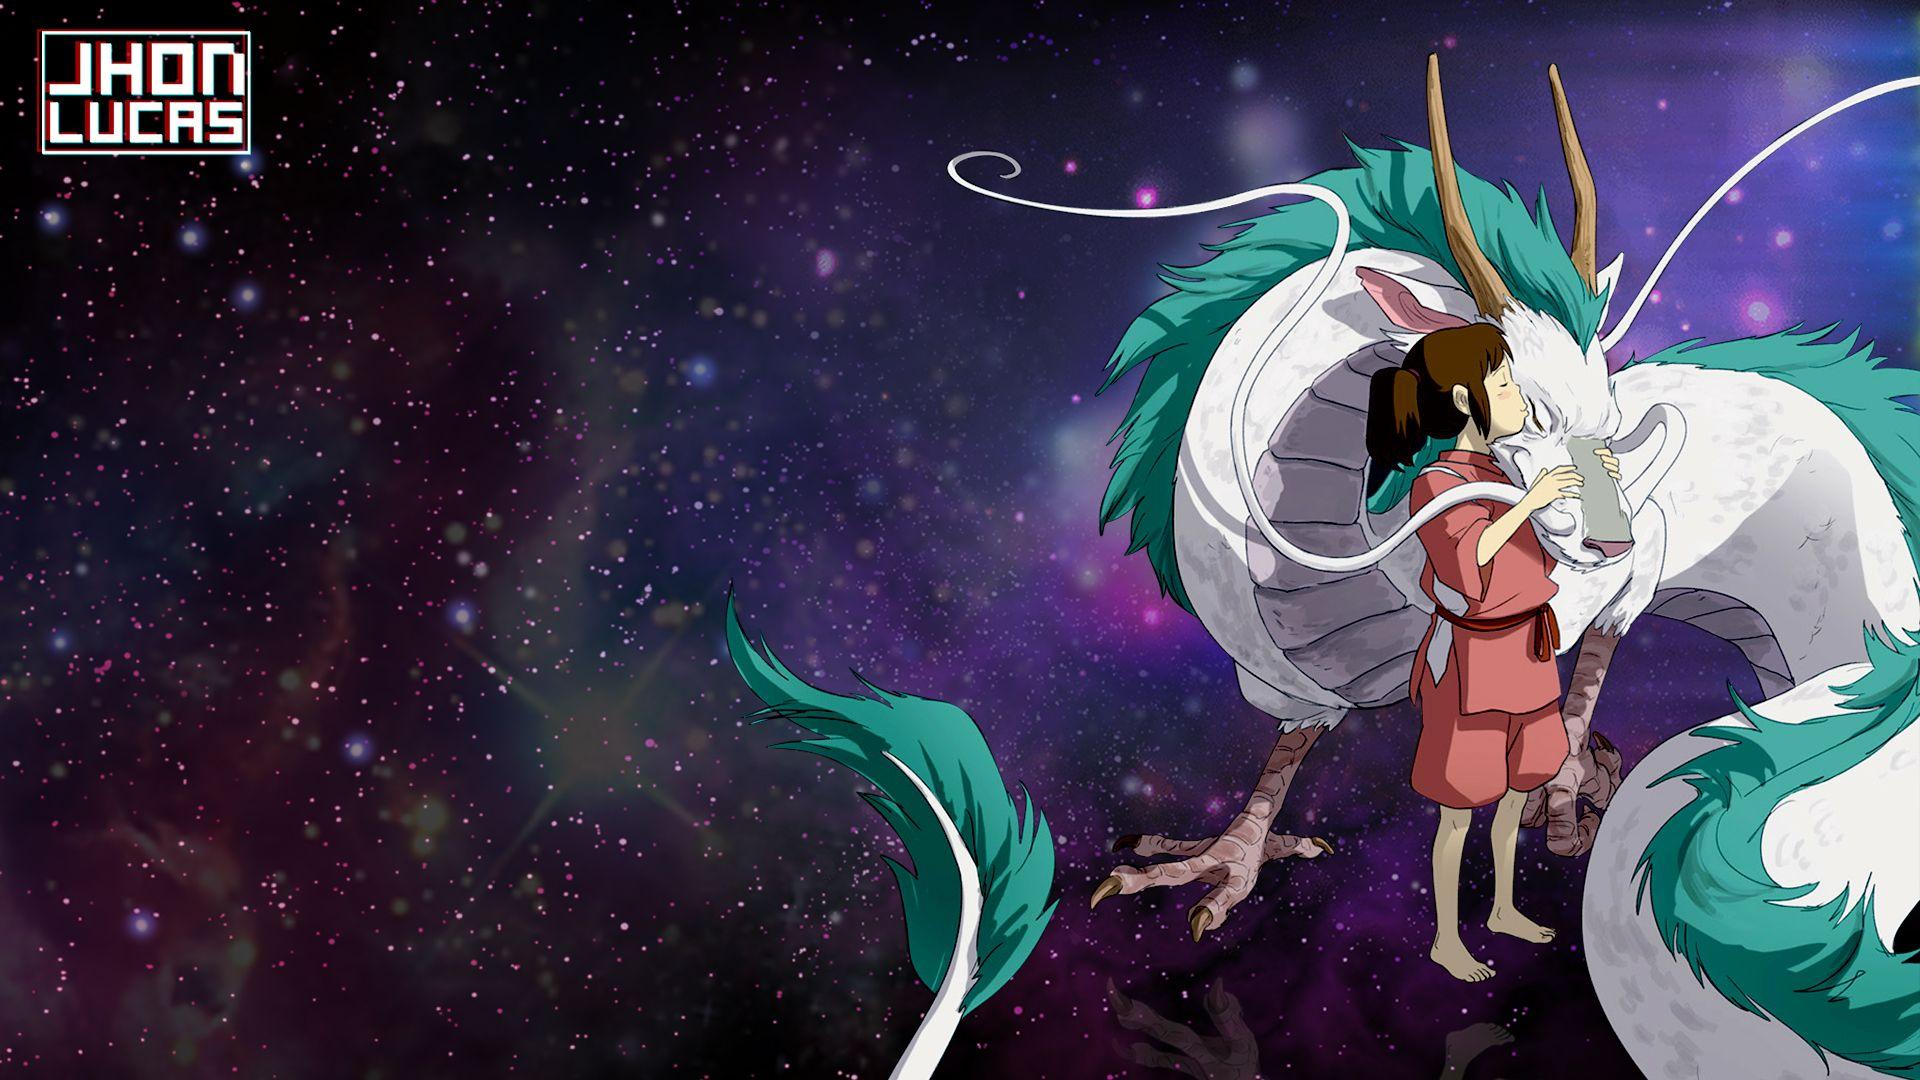 A viagem de chihiro wallpaper   Spirited away wallpaper, Anime, Studio ghibli